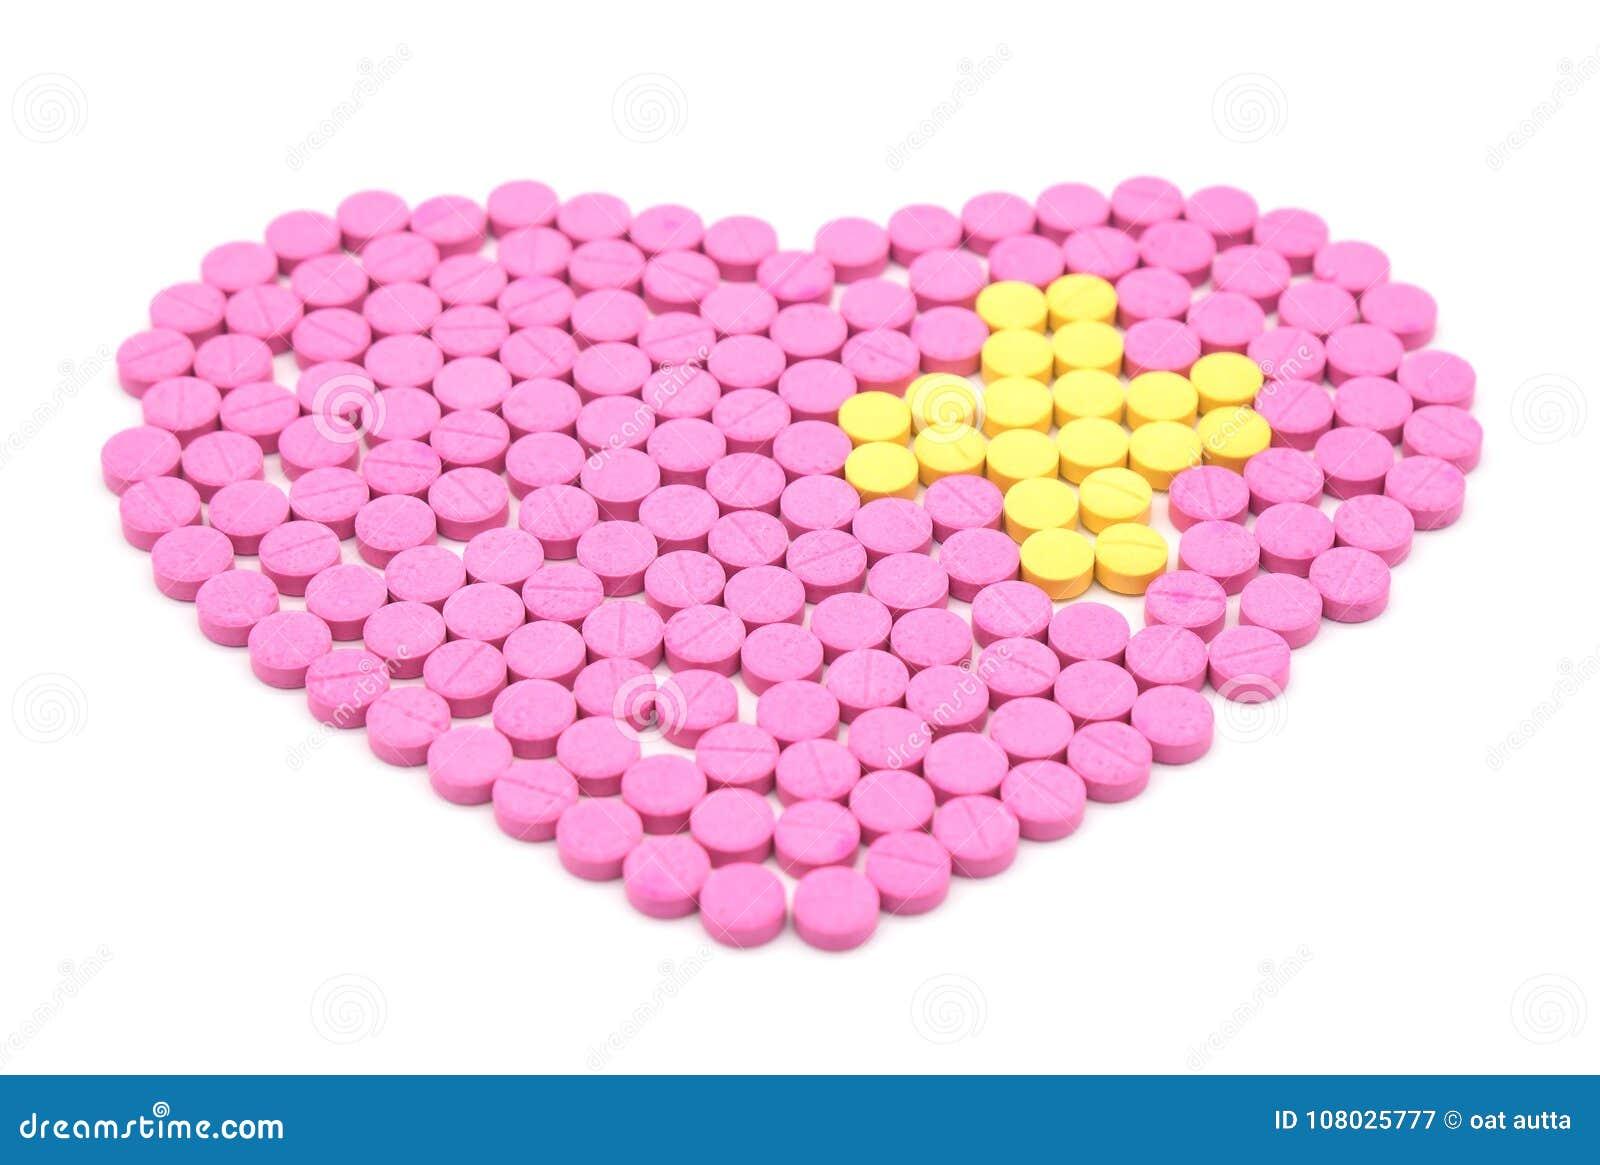 la pilule rose